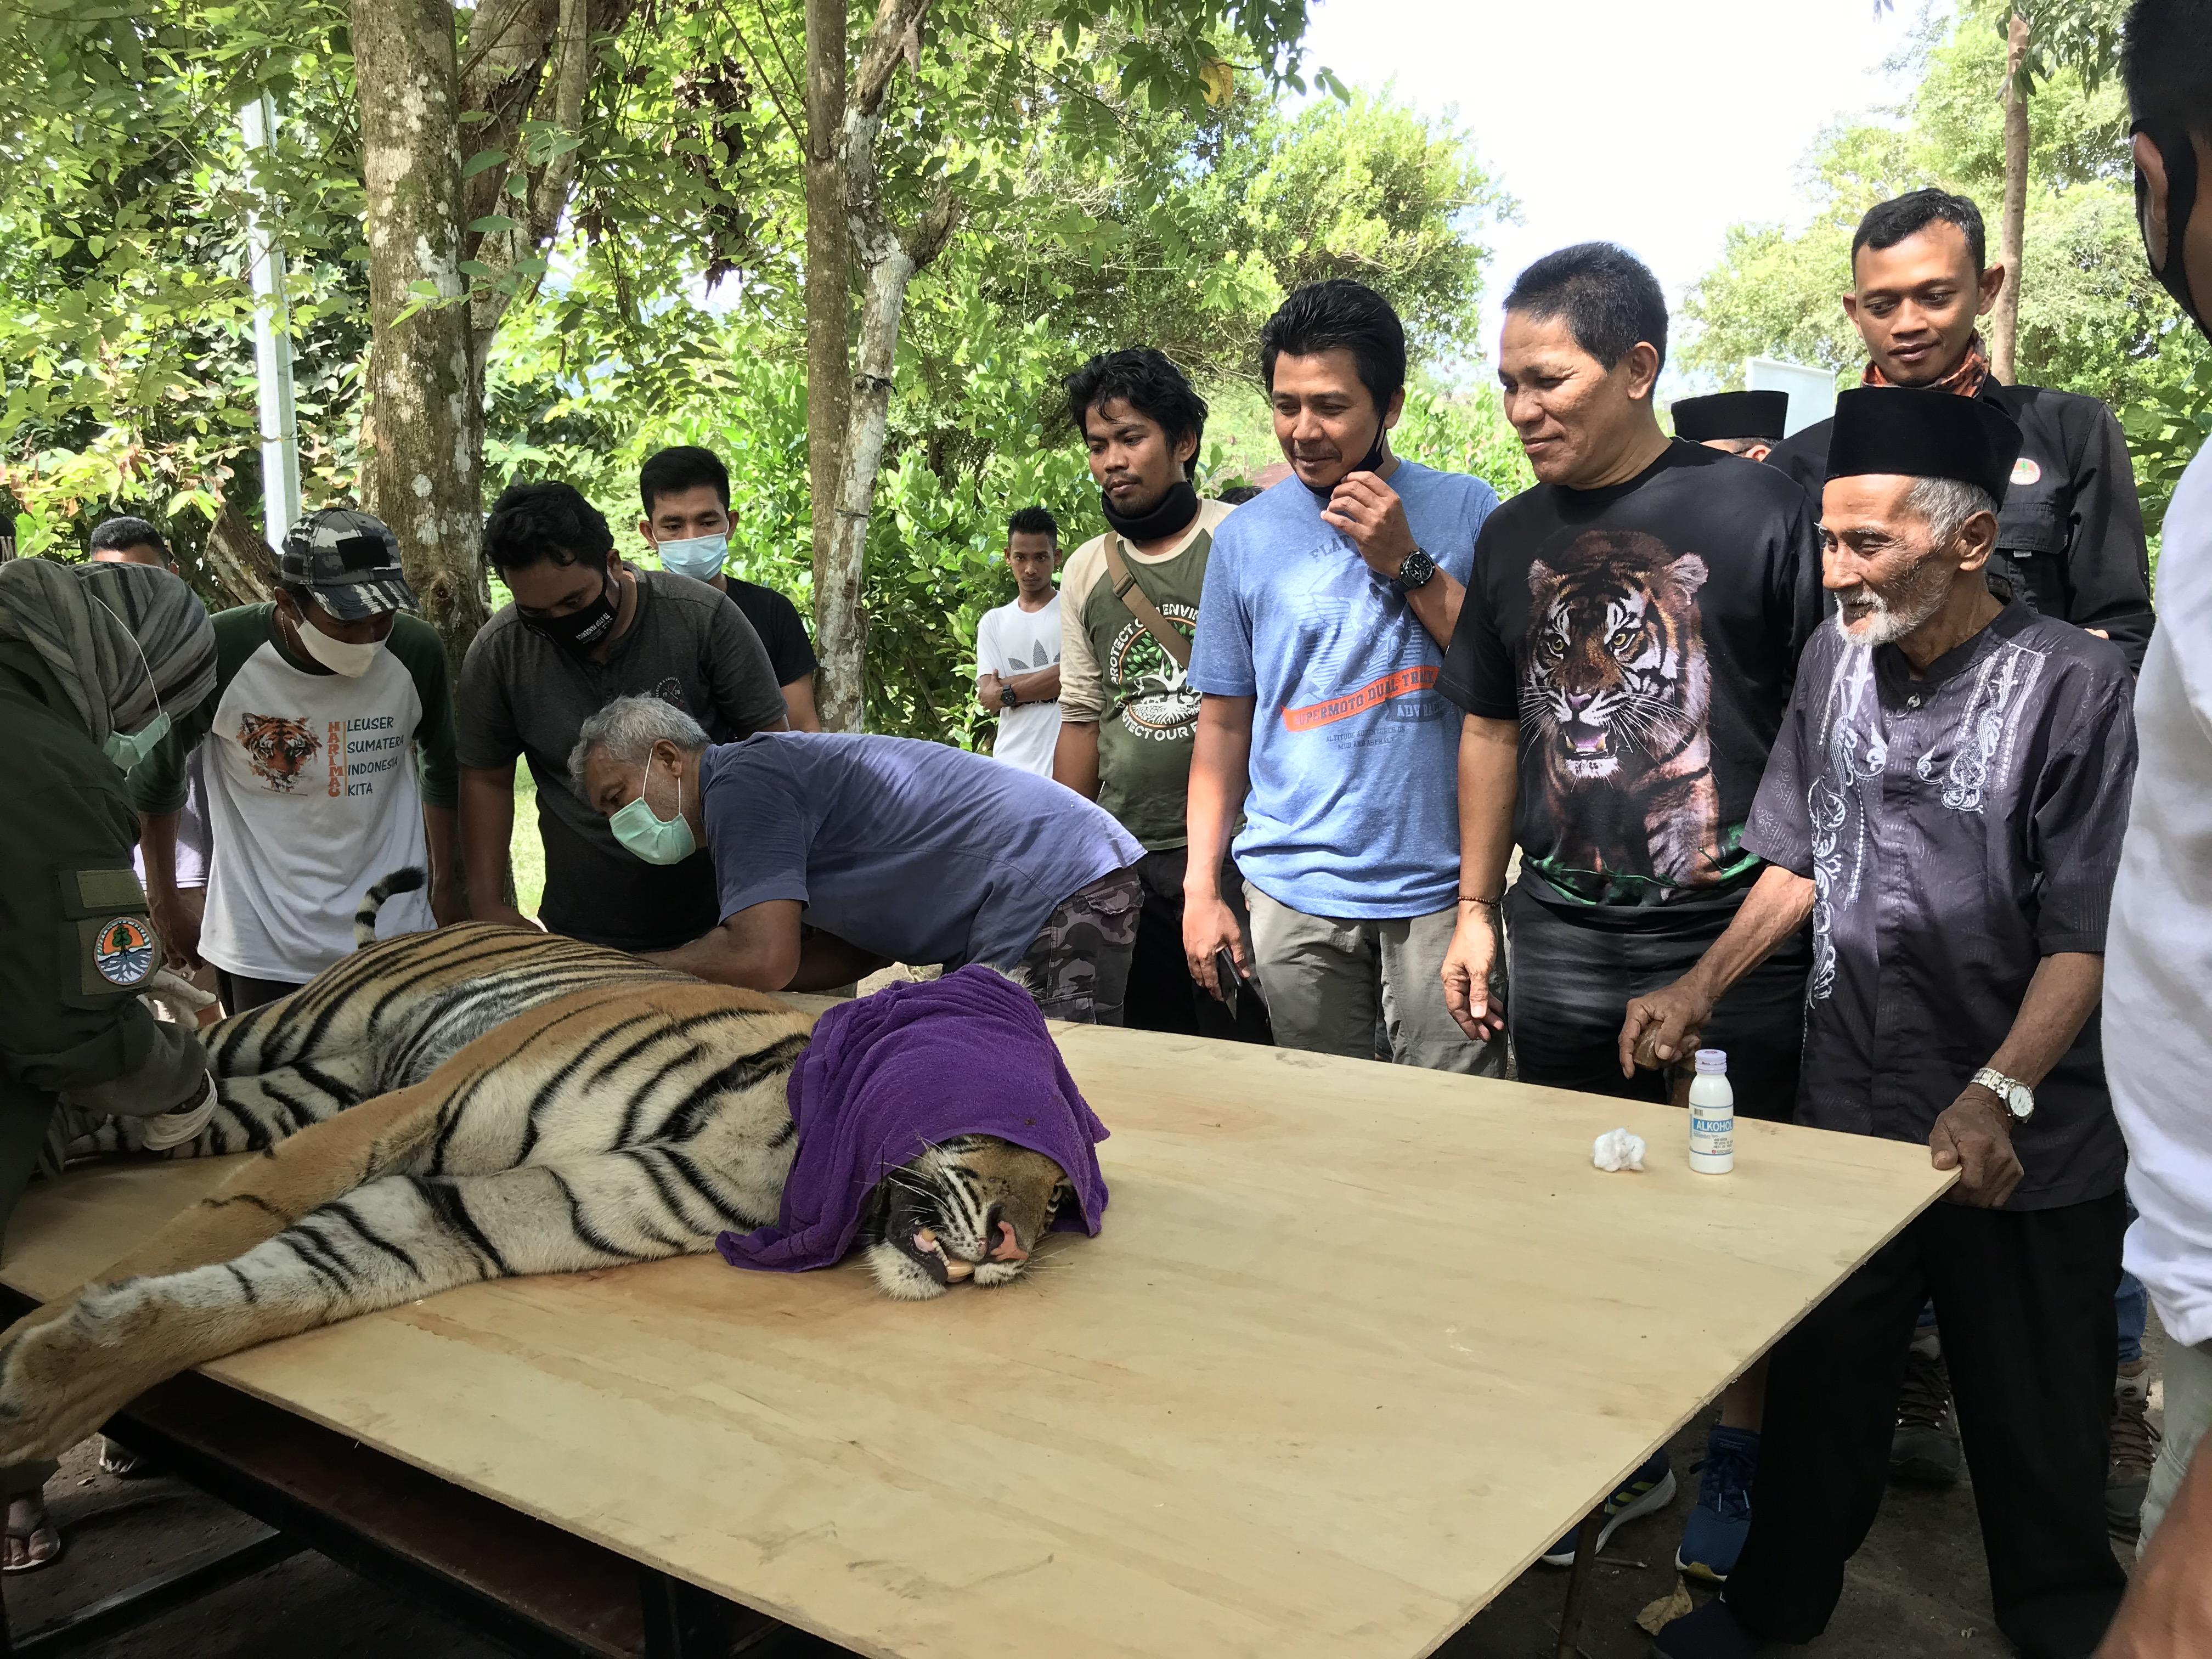 Sarwani memandang harimau yang terkapar di atas meja usai dibius.